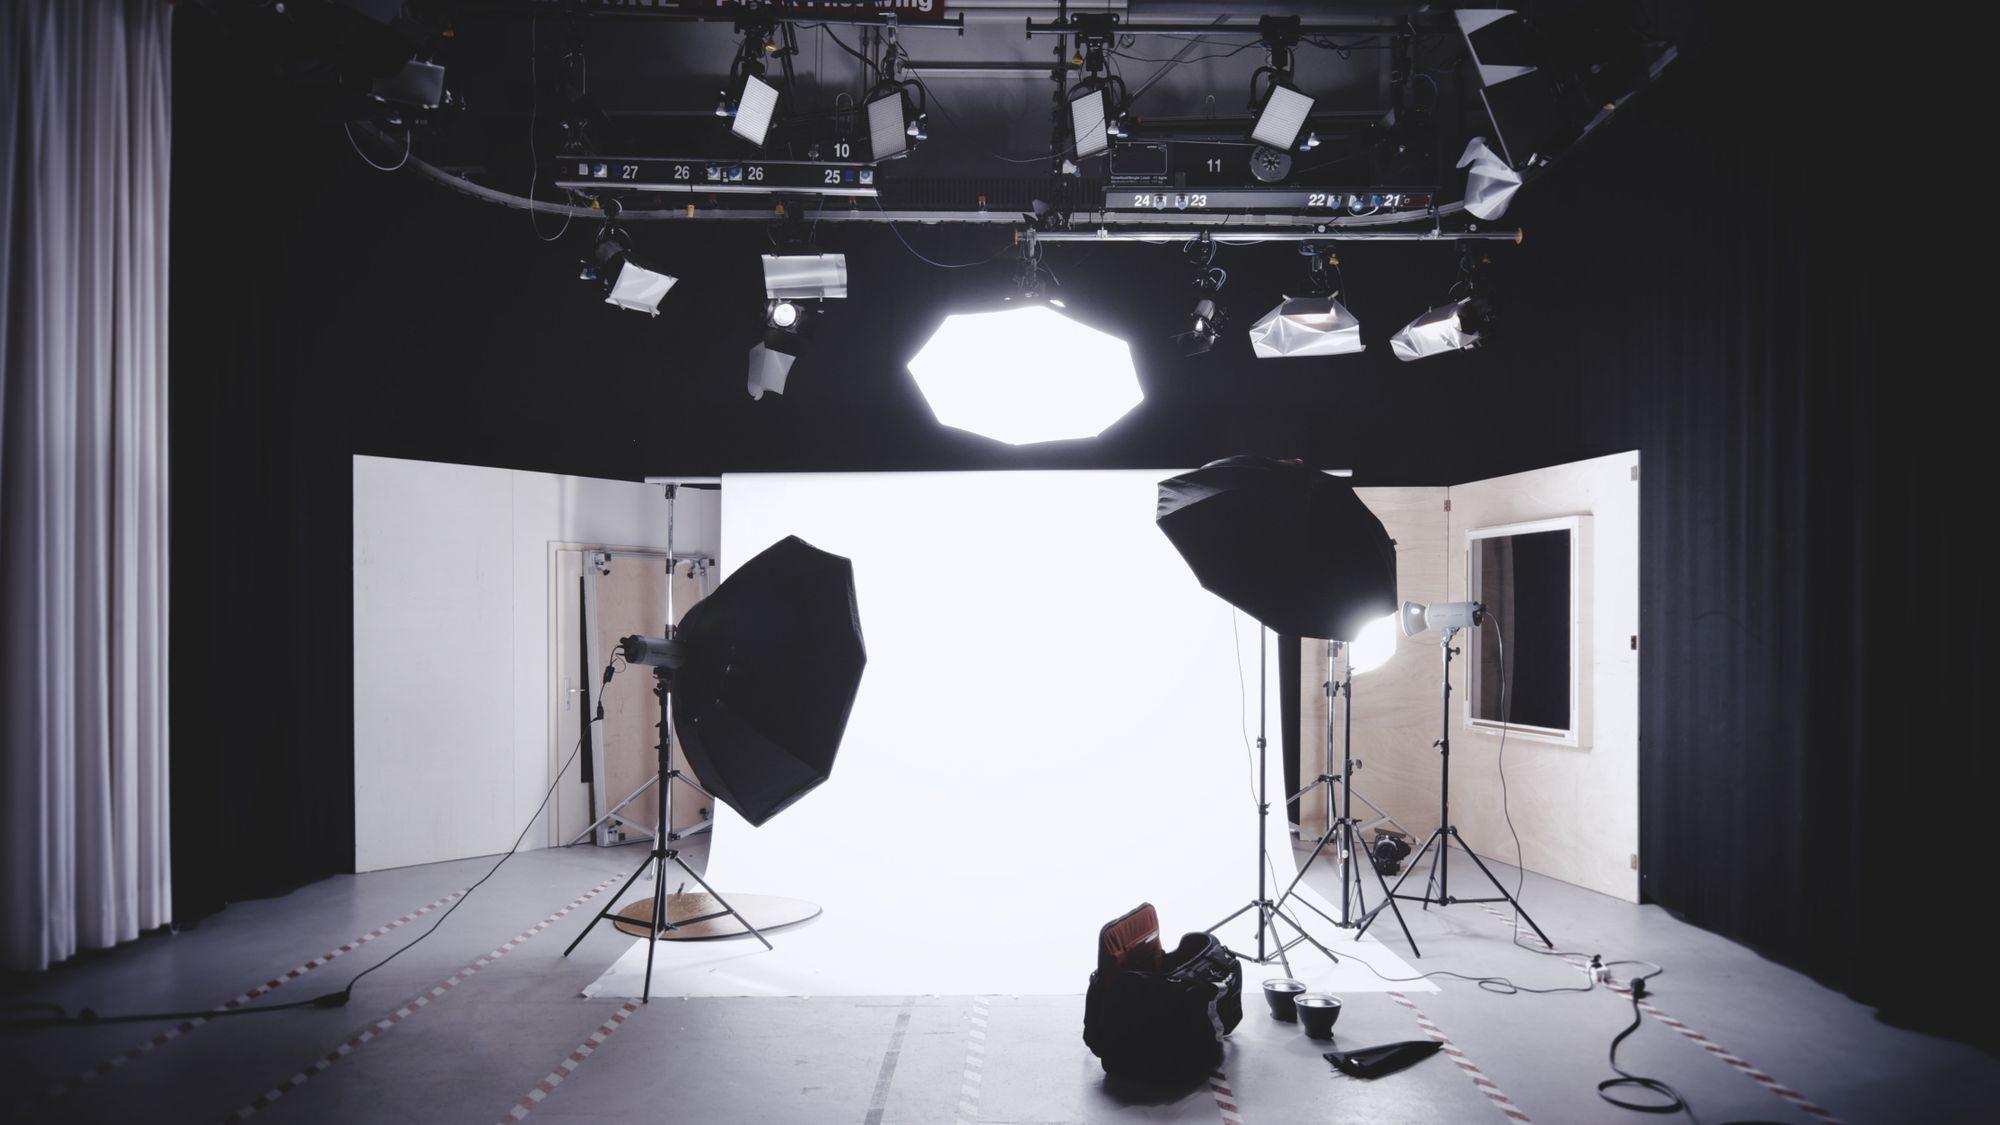 A lighting studio for filmmaking